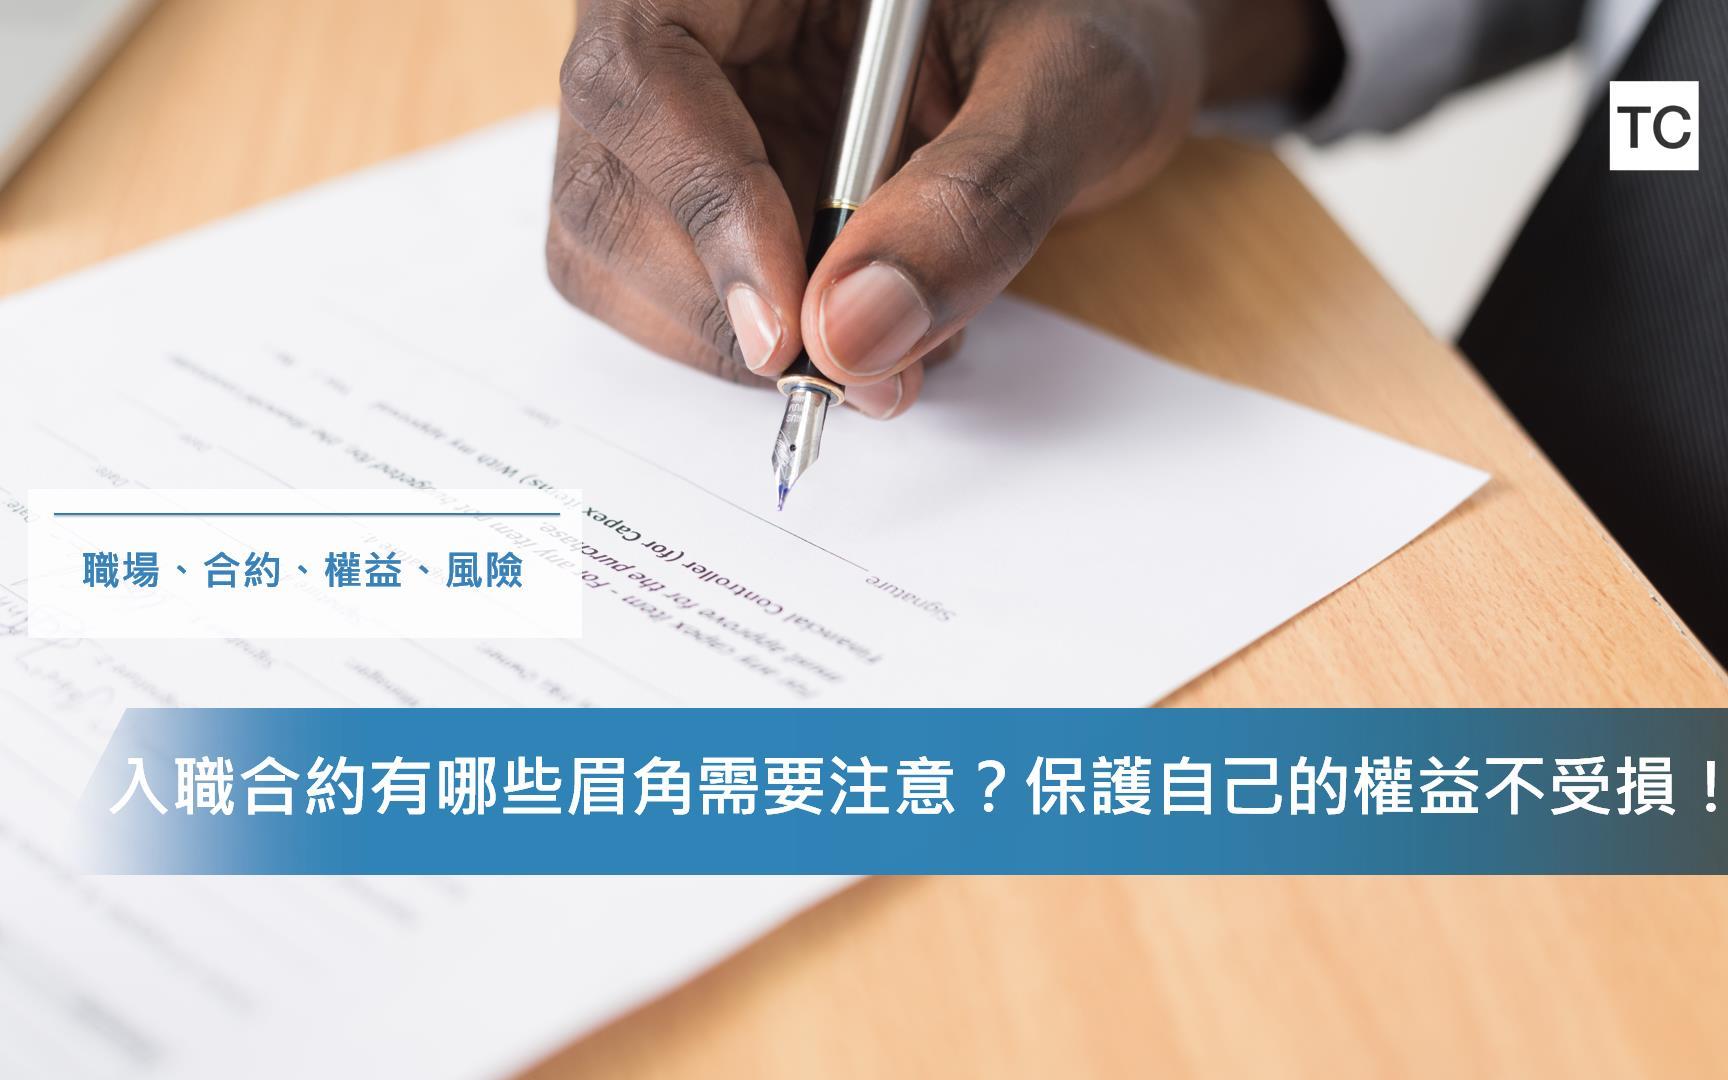 【職場】你的權益可能受損了!那些簽約應該要仔細注意的細節